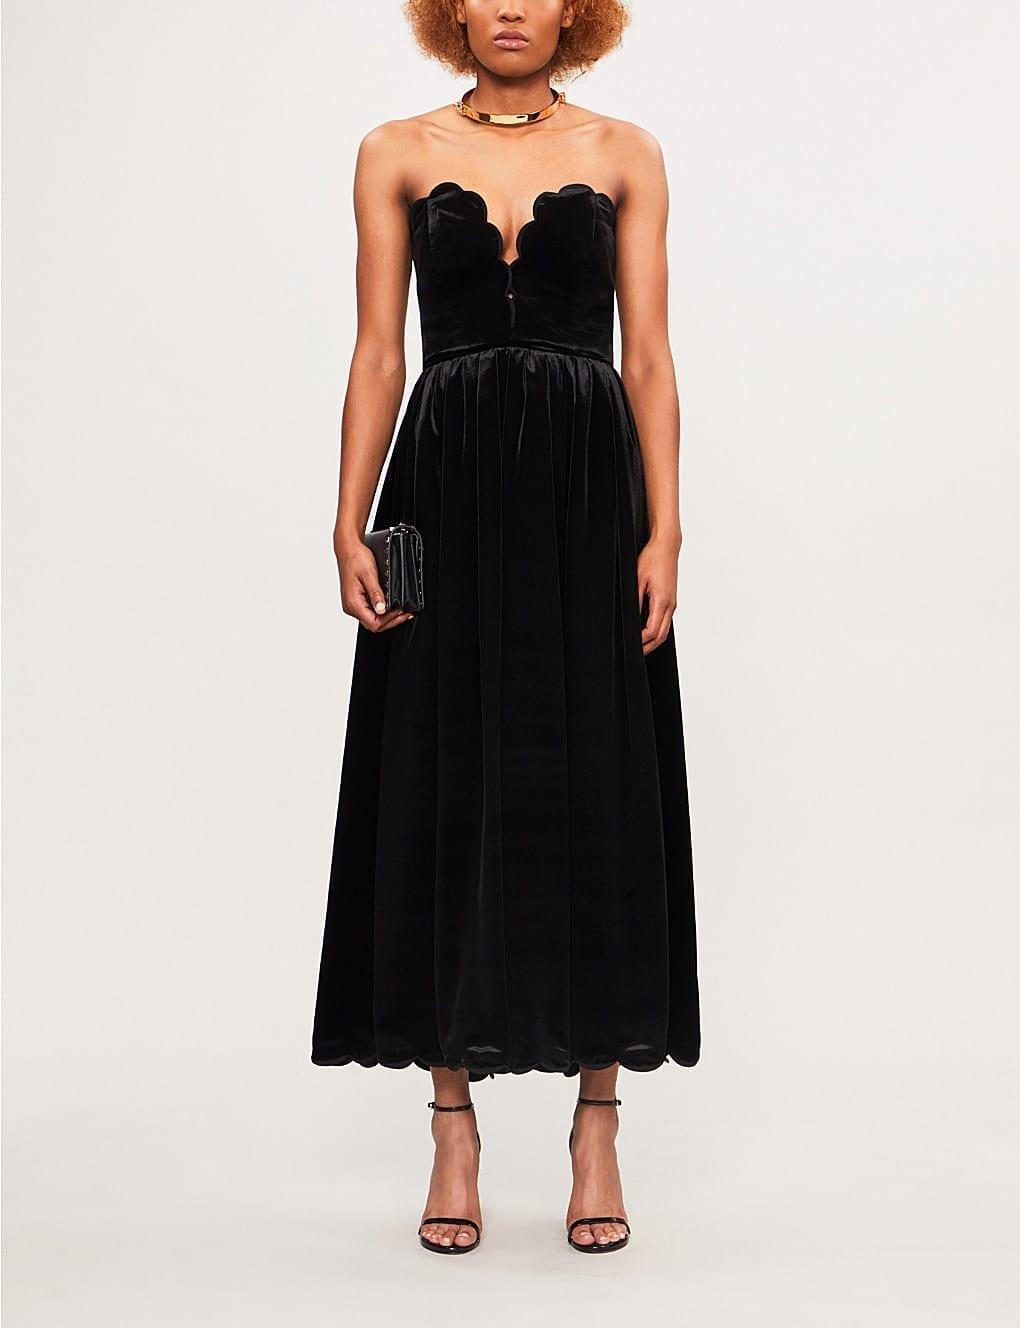 dd7e0961447d VALENTINO Scalloped Strapless Velvet Nero Dress - We Select Dresses